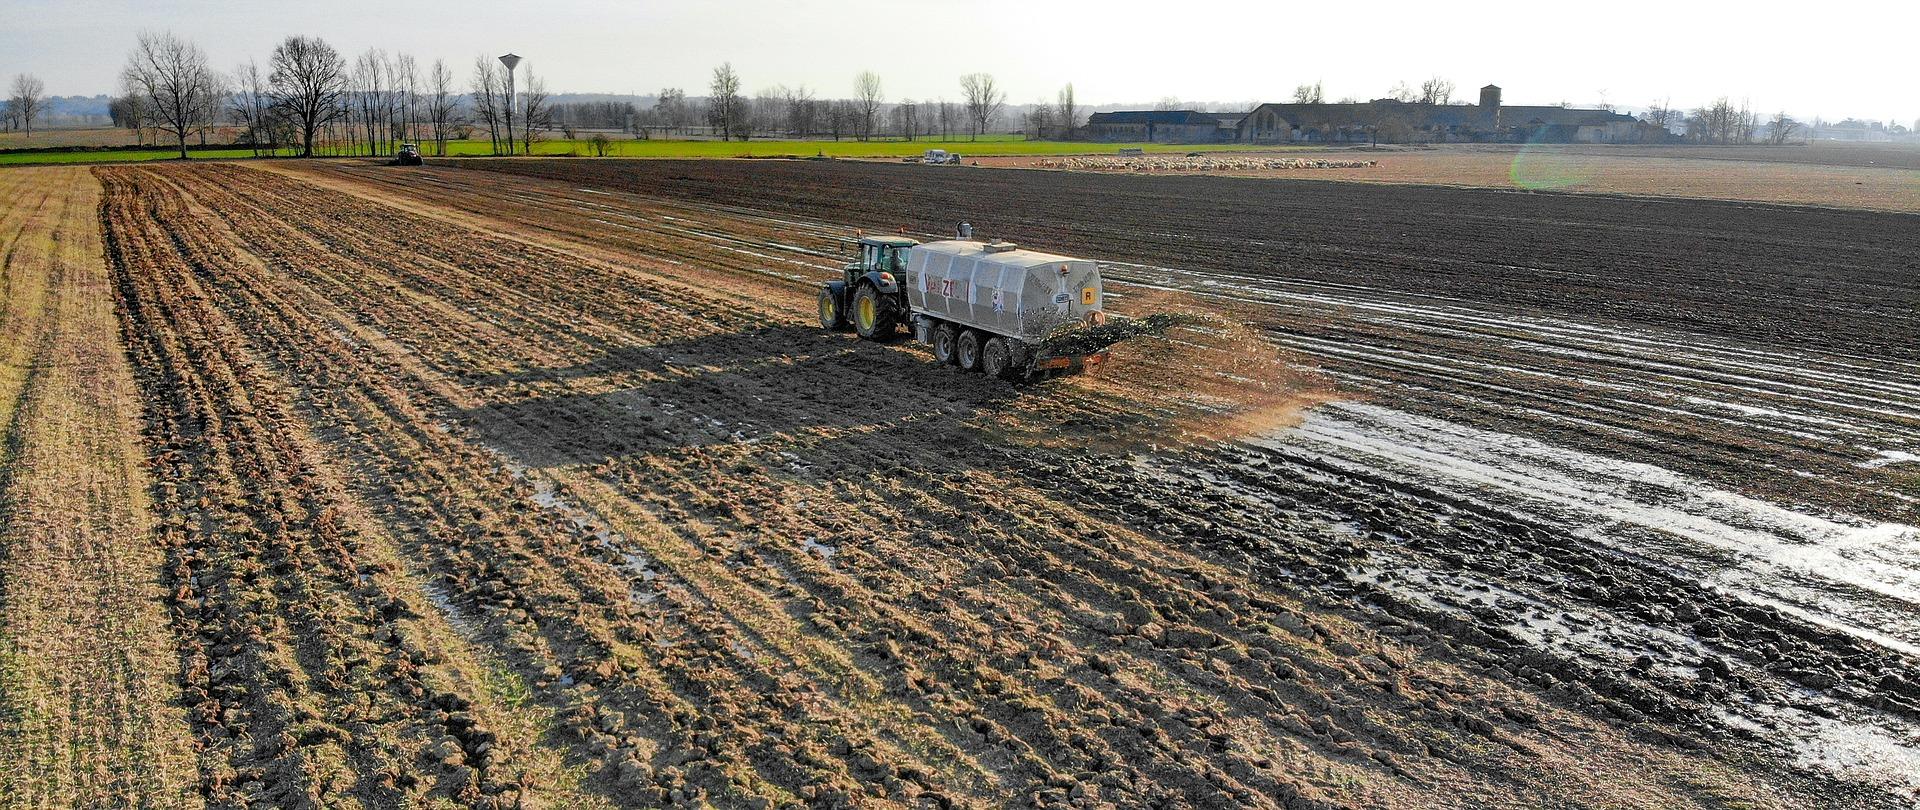 «Баришівська зернова компанія» почала вносити міндобрива